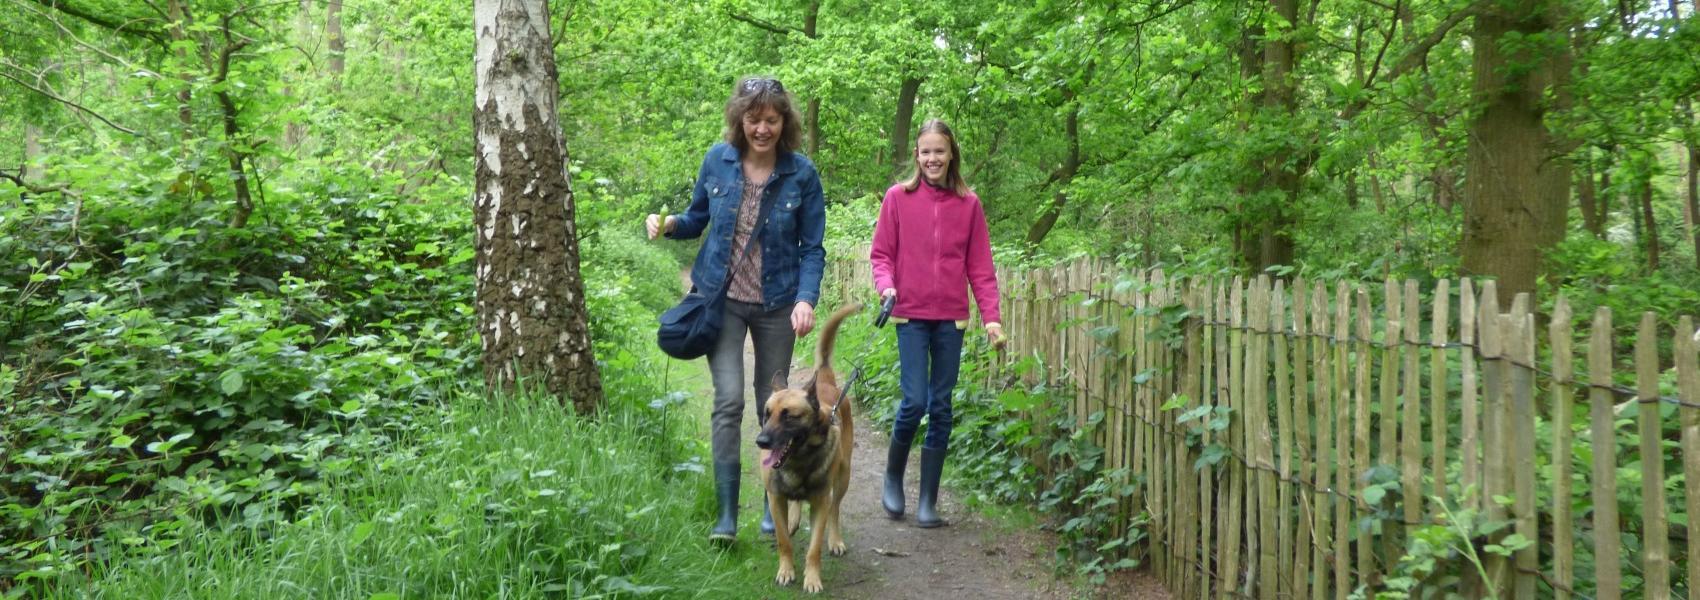 2 wandelaars met hond